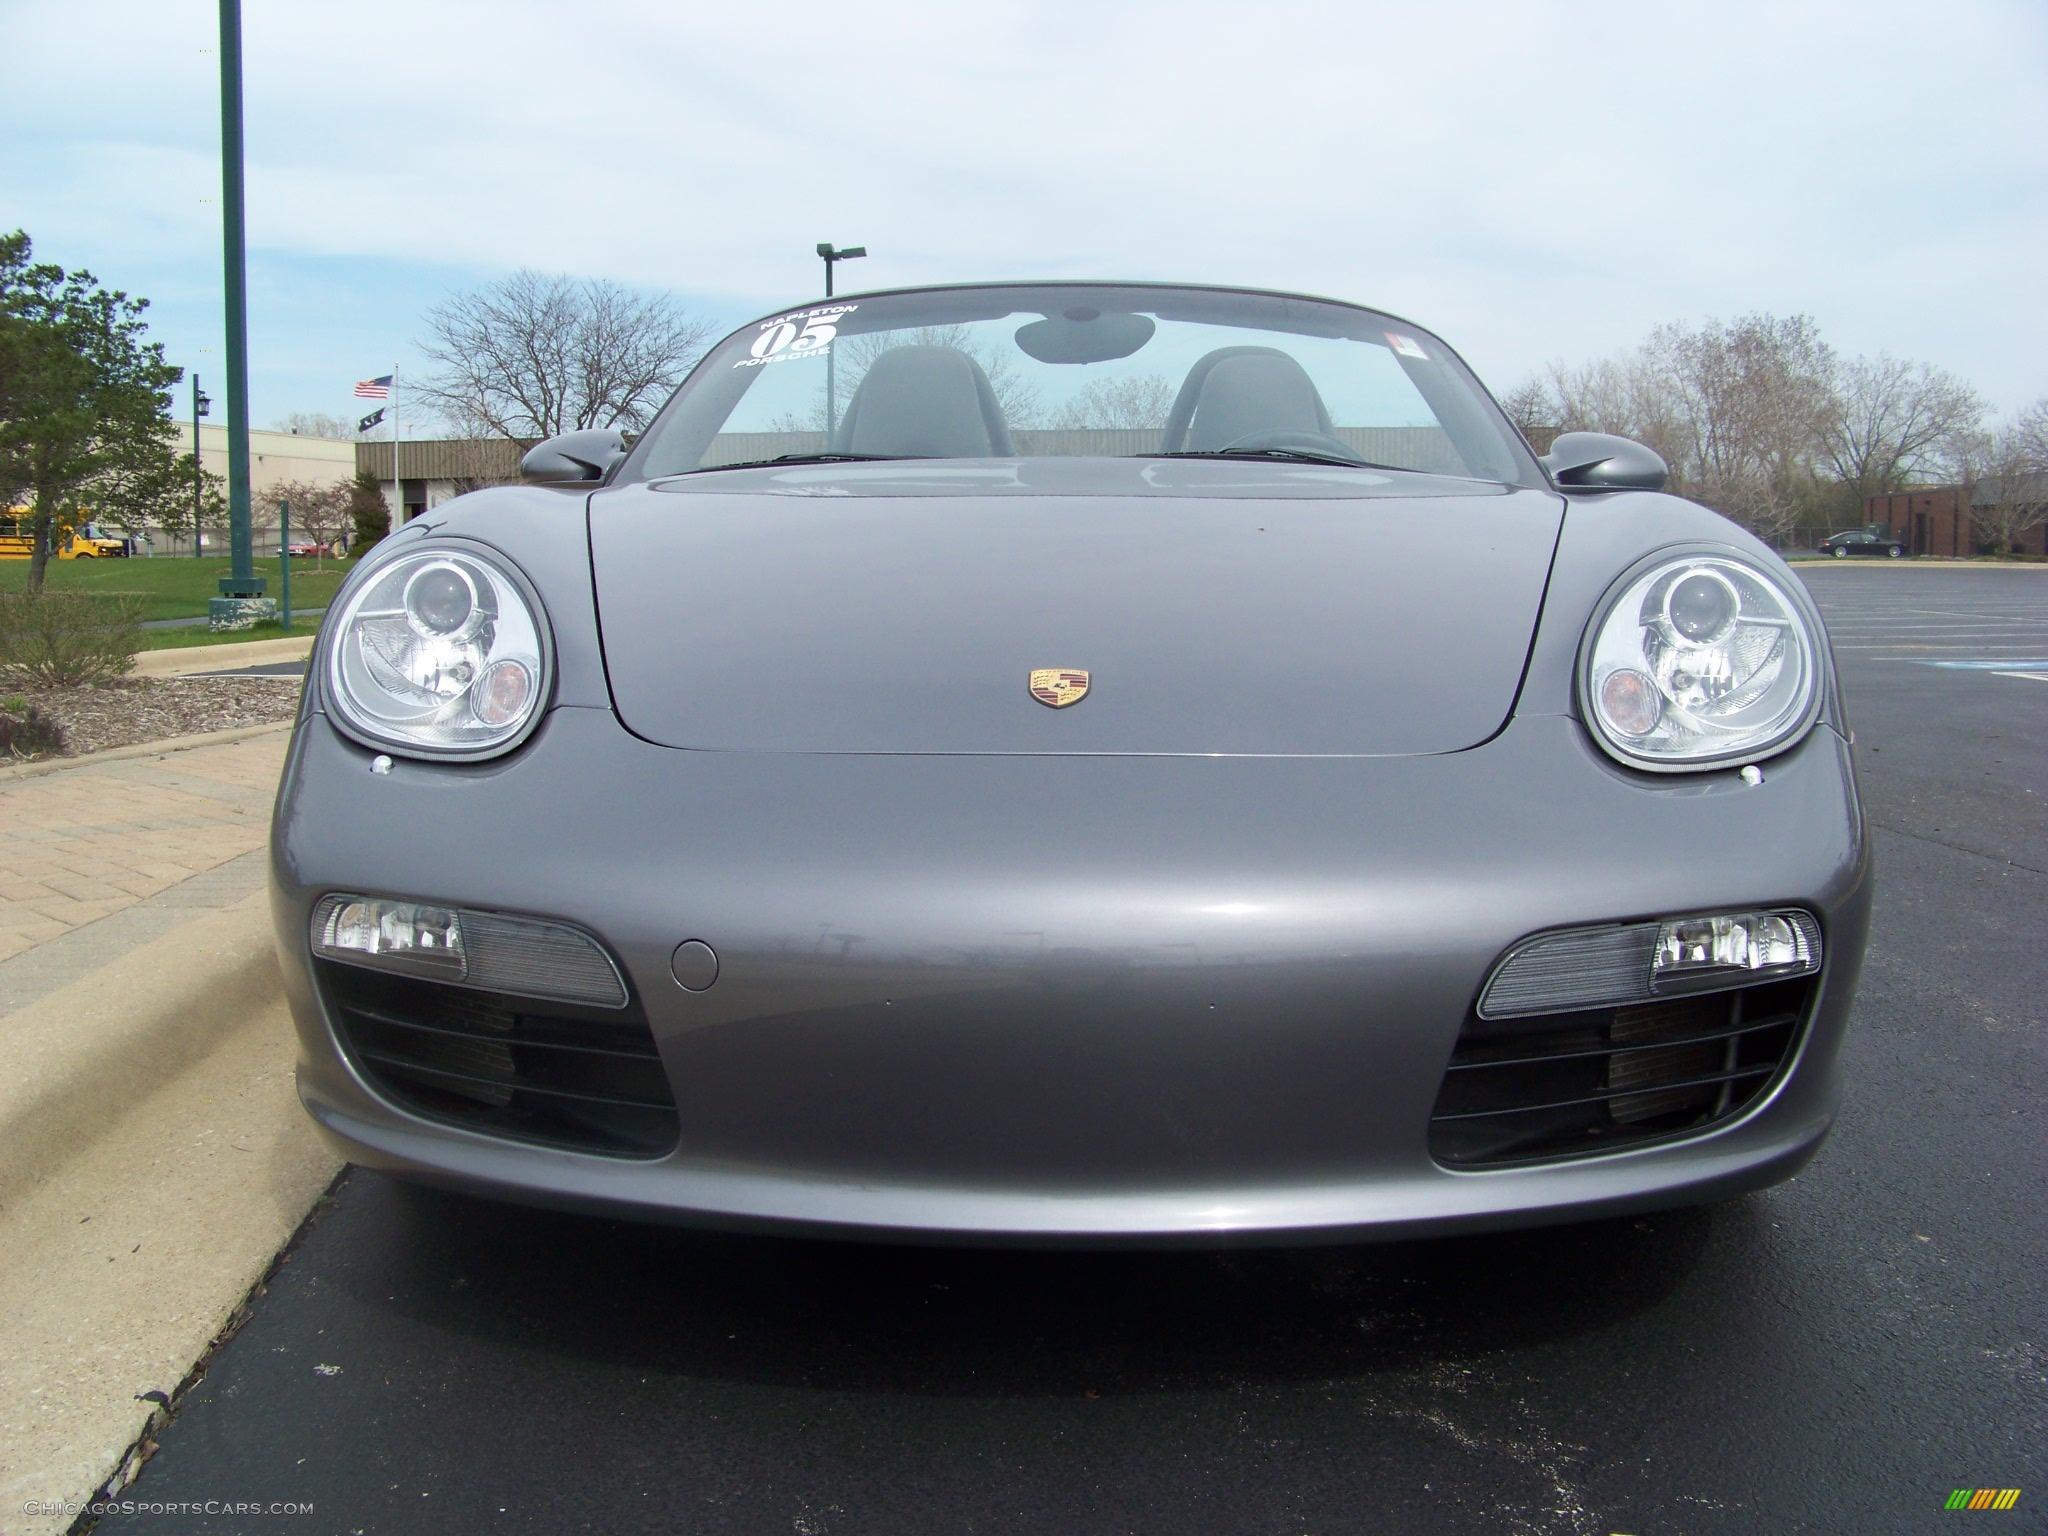 2005 Porsche Boxster In Seal Grey Metallic Photo 9